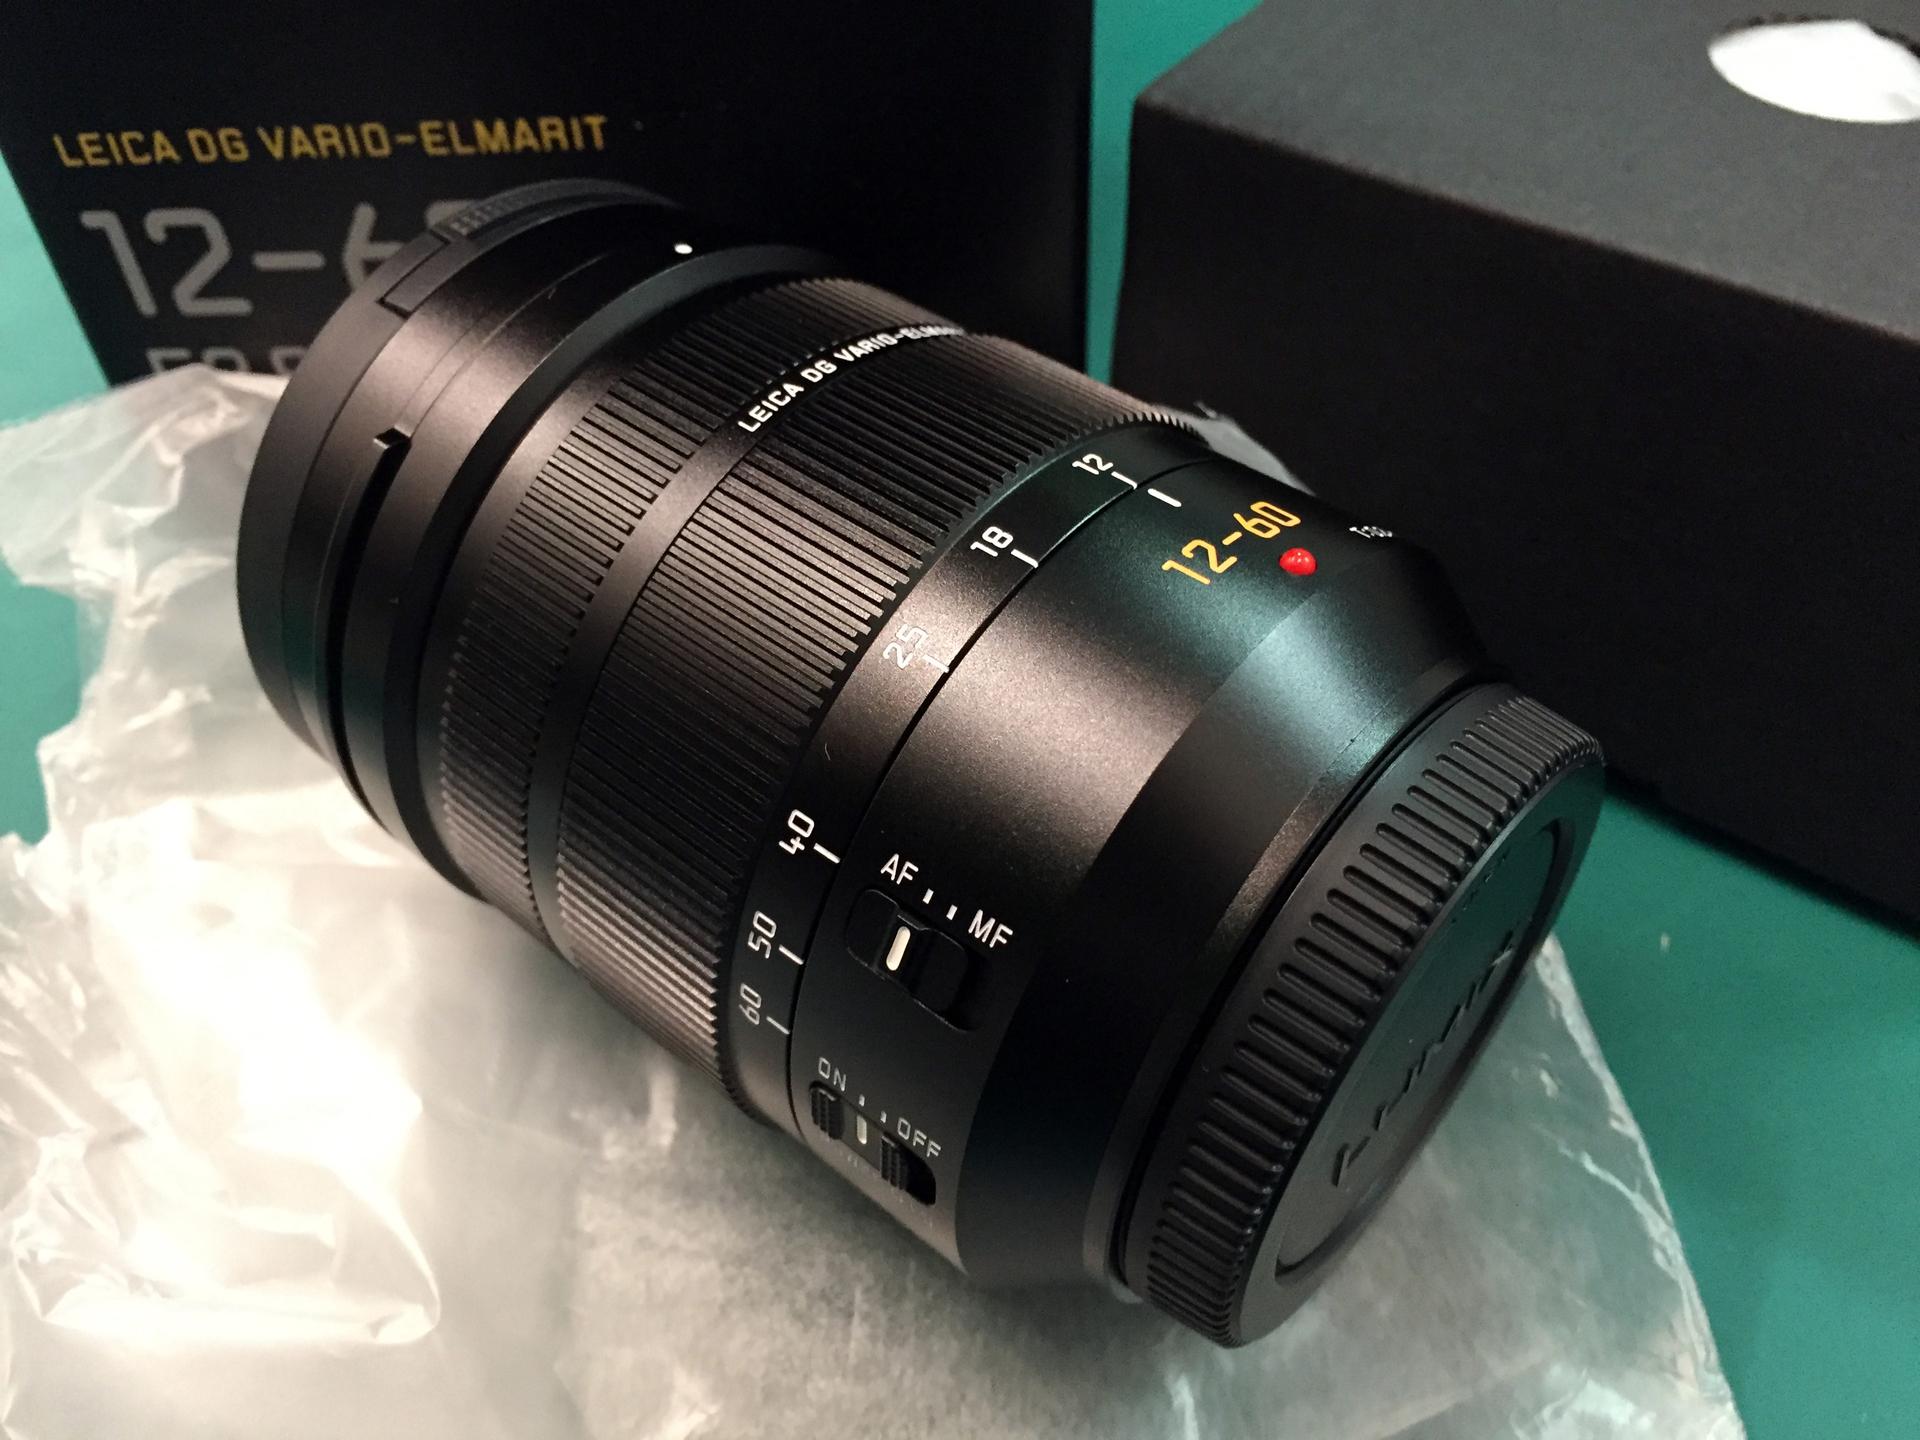 LEICA DG VARIO-ELMARIT 12-60mm F2.8 02.JPG